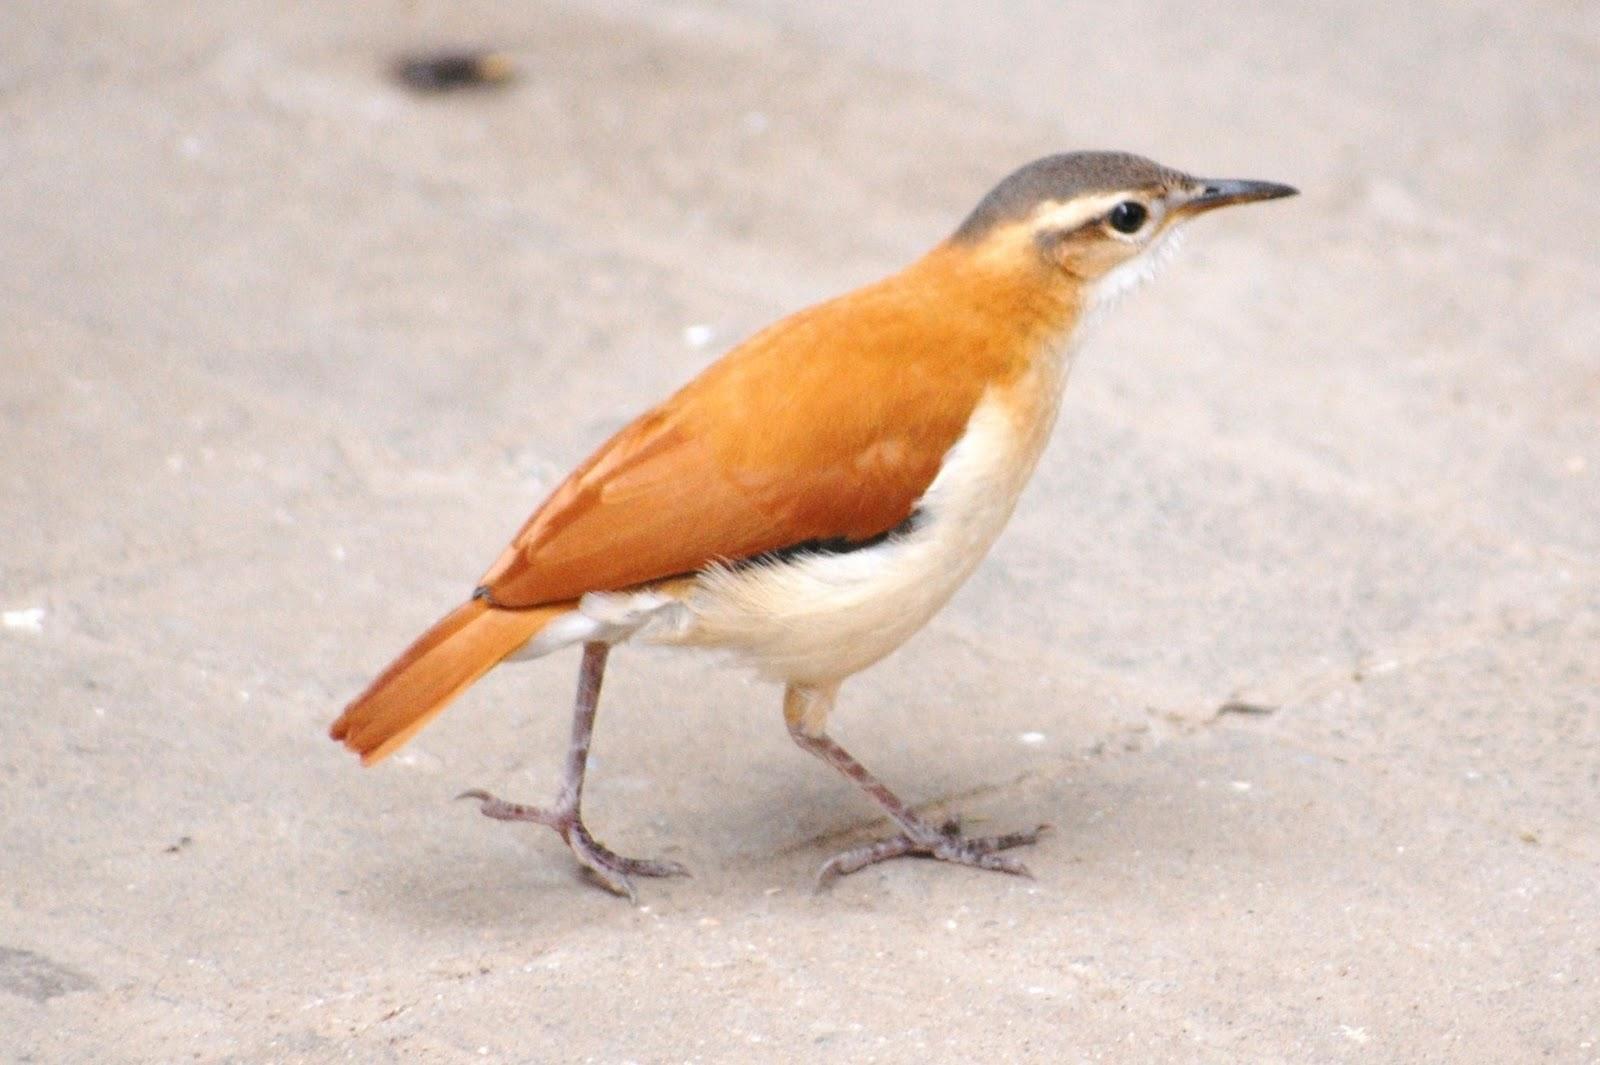 Pássaro Casaca-de-Couro-Amarelo (Furnarius leucopus)